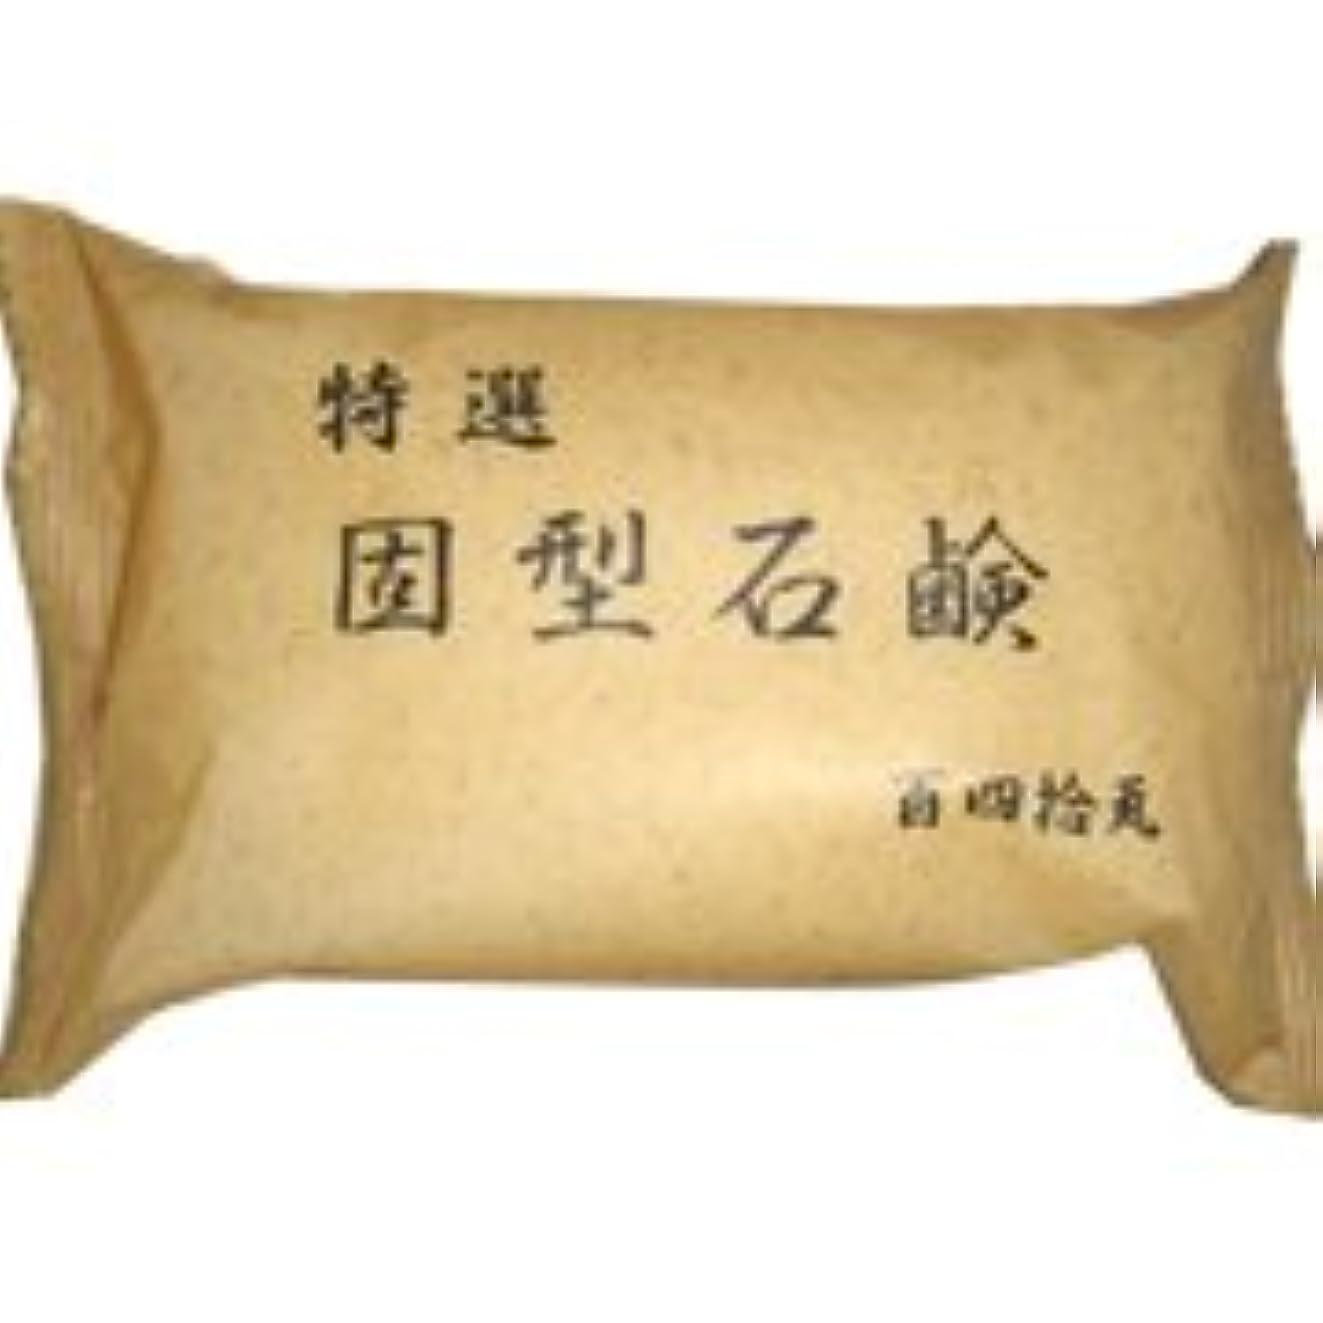 ヒゲスキニー乳製品特選 固型石鹸 140g    エスケー石鹸